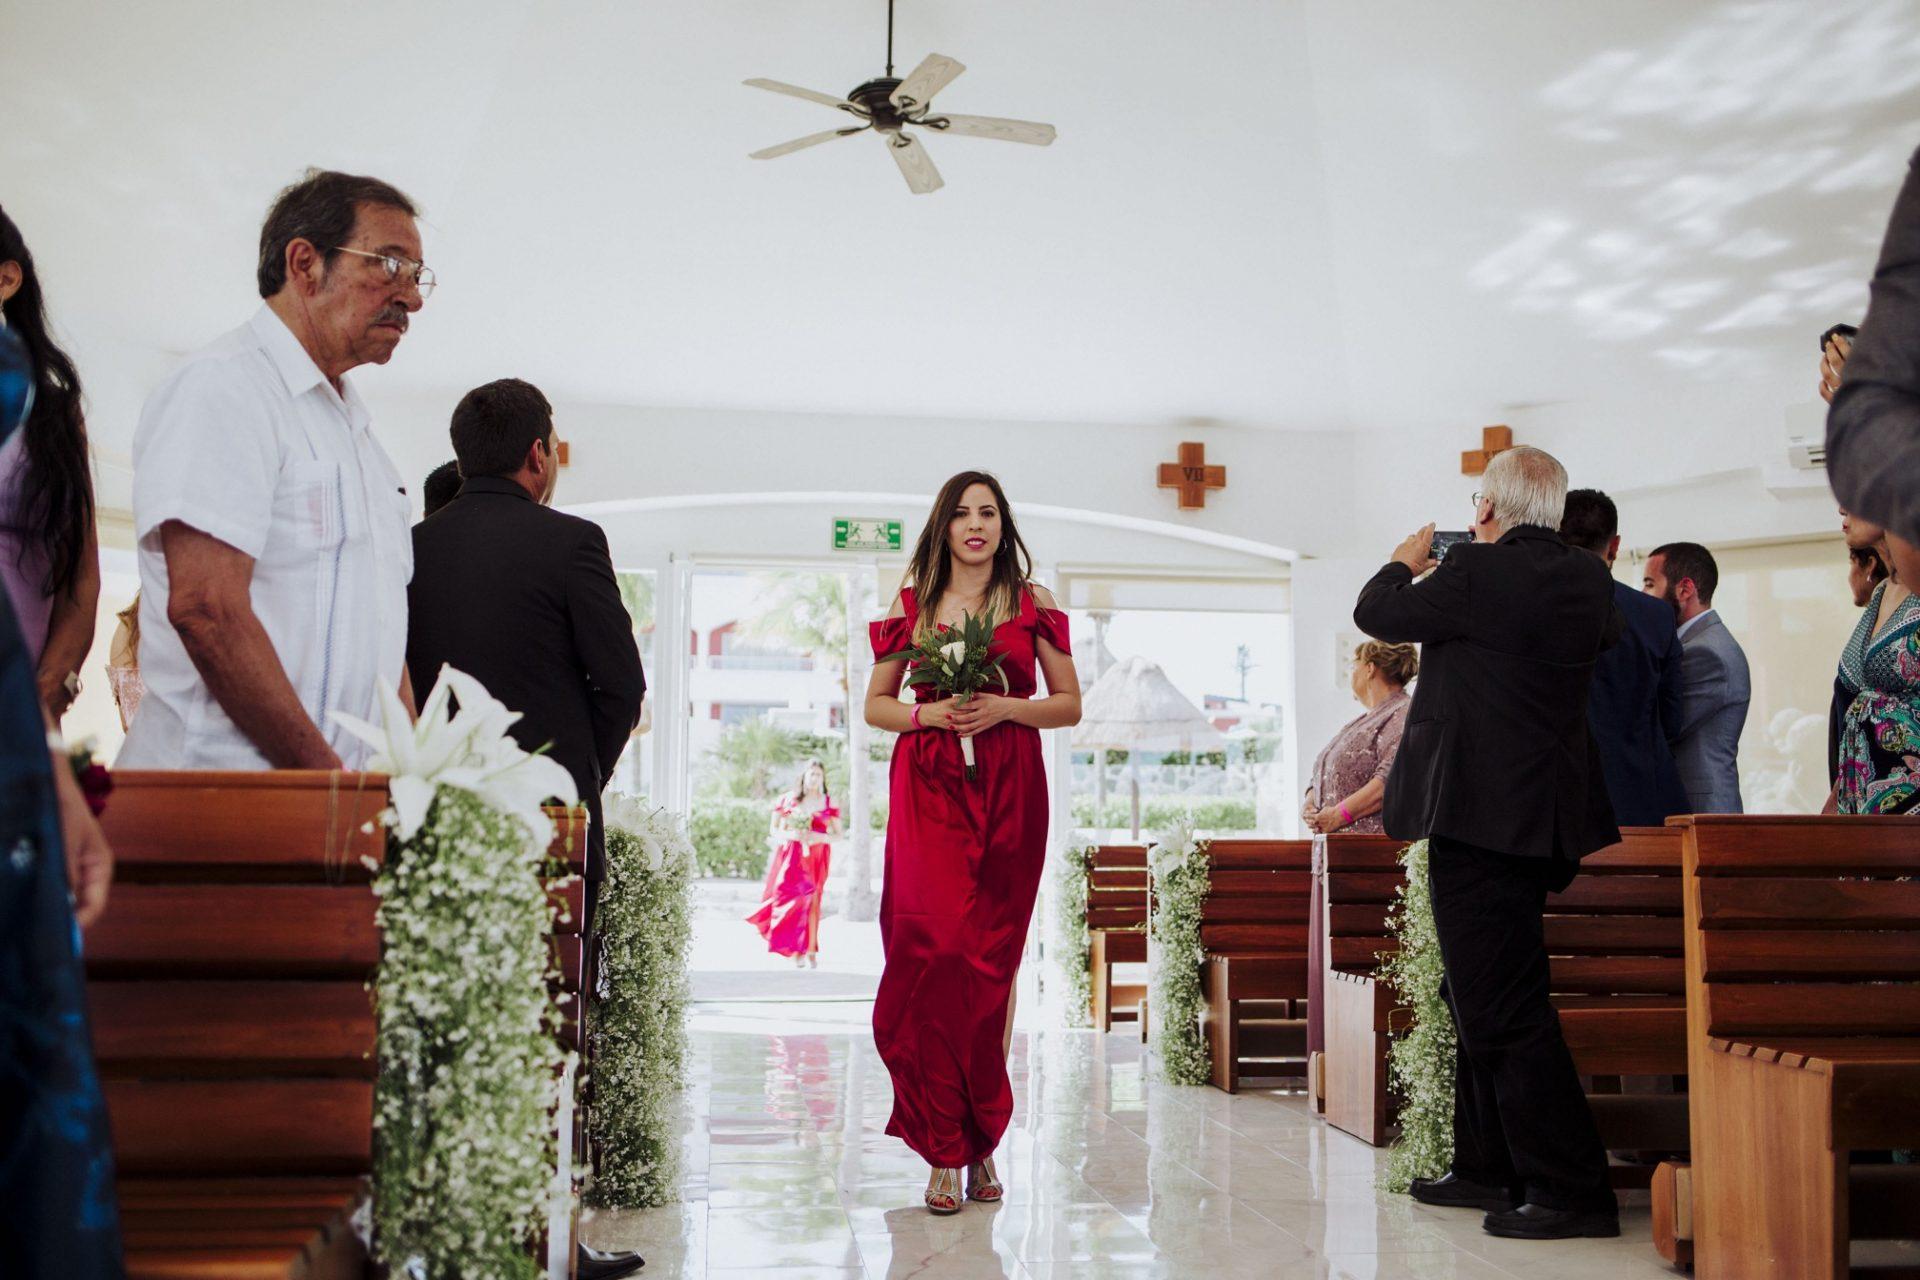 fotografo_bodas_profesional_zacatecas_riviera_maya_cancun-217